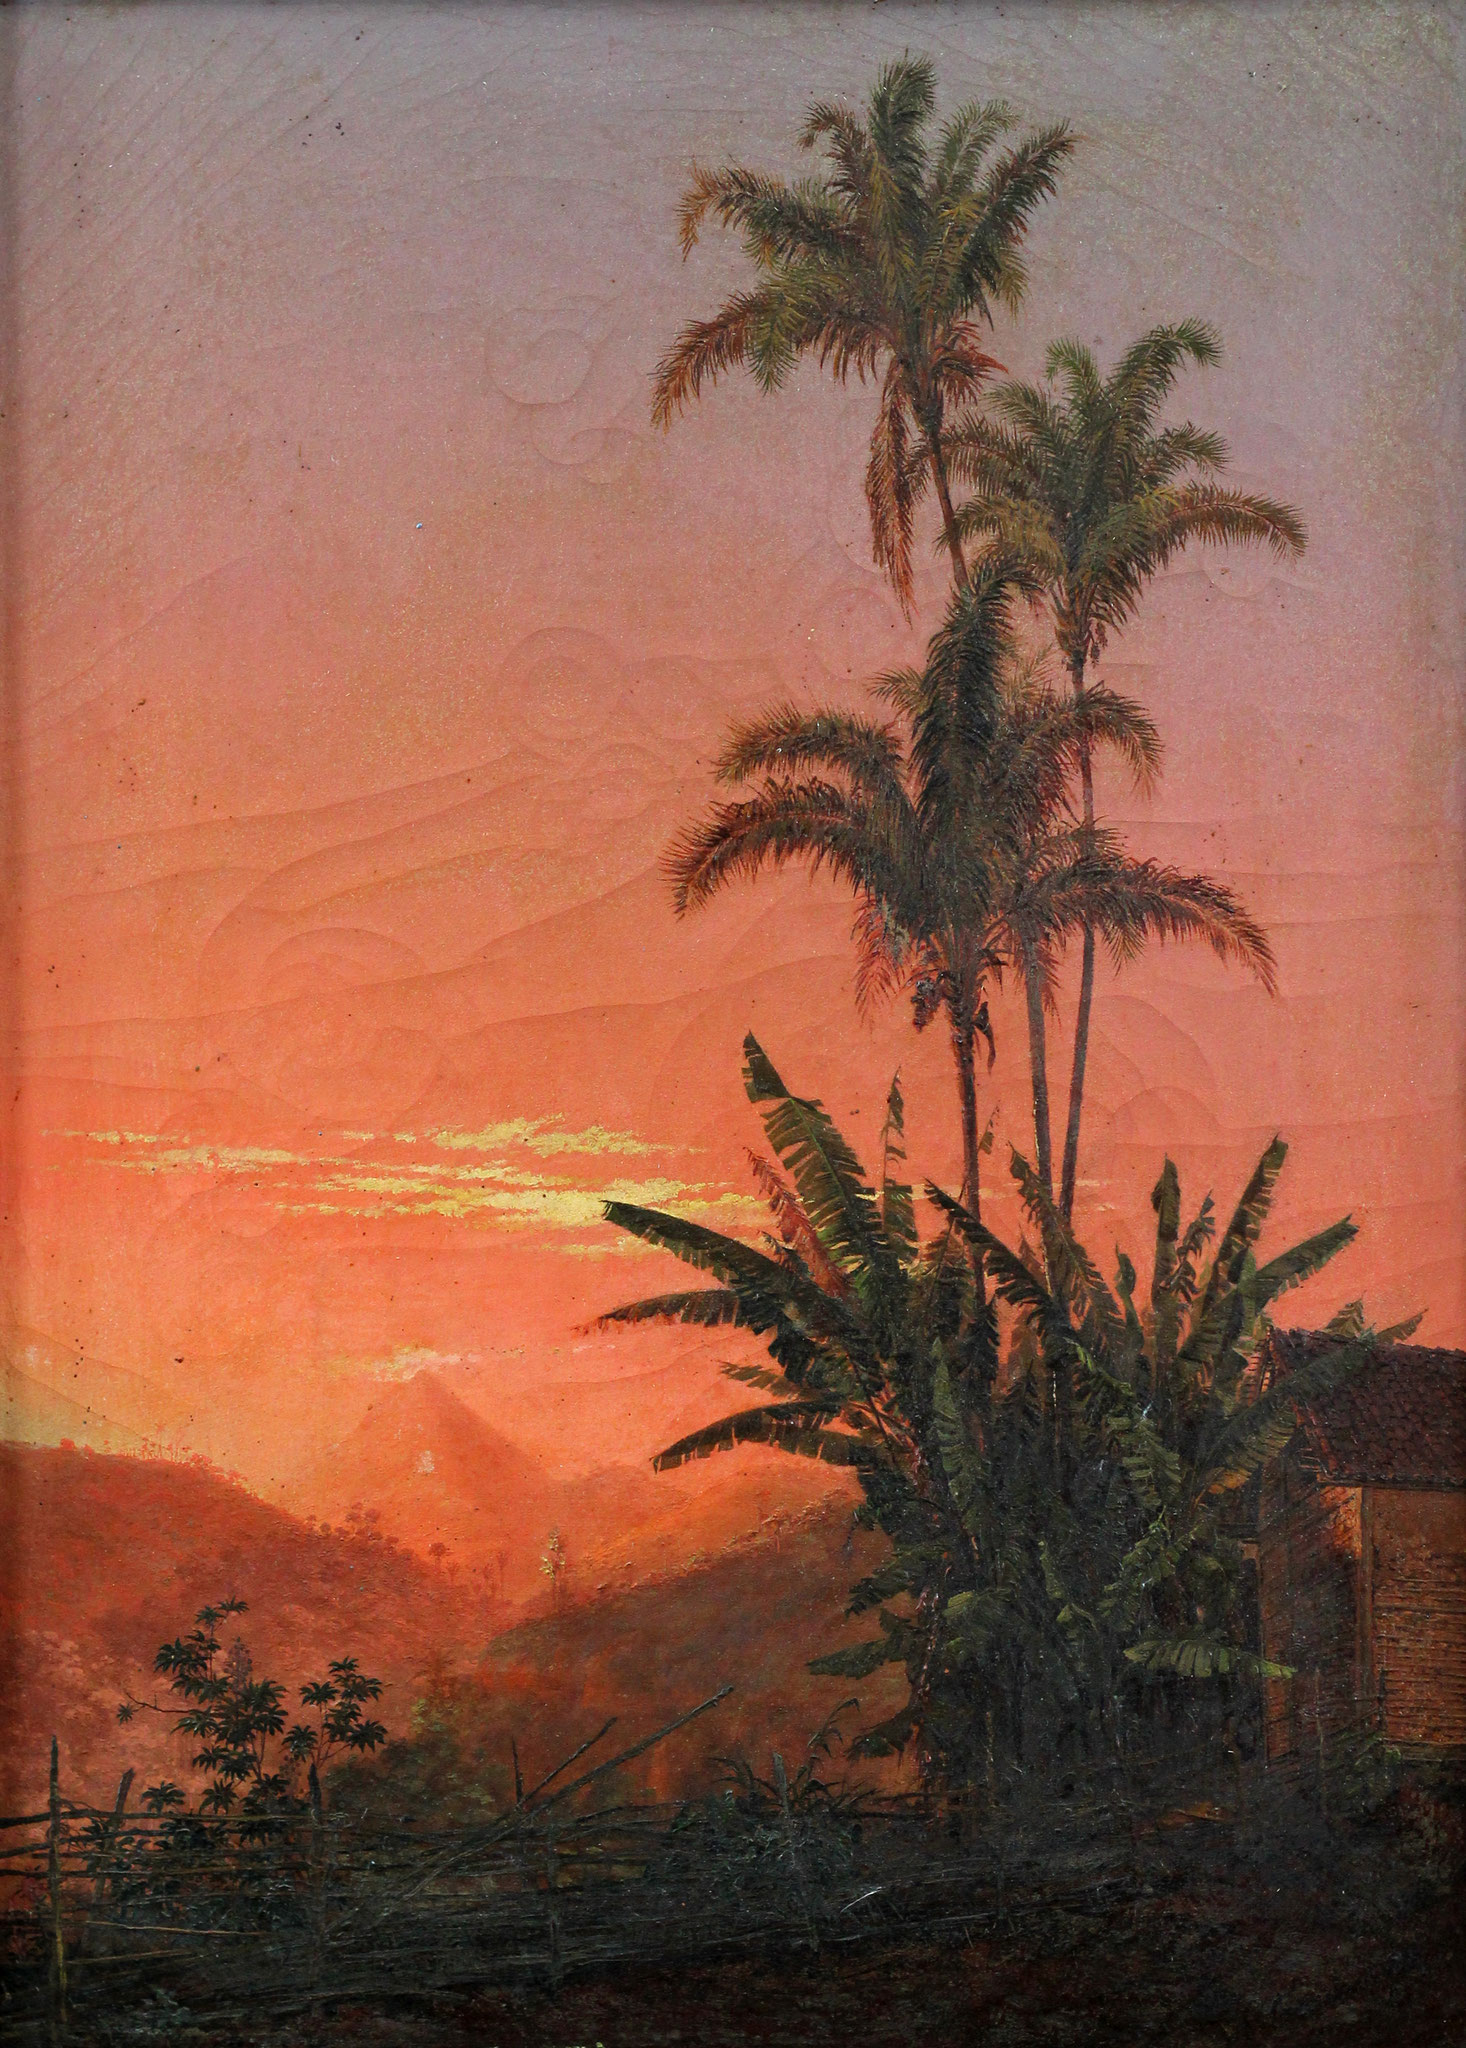 Adjugé 54 720 € - FACCHINETTI Nicolau Antonio, Coucher de soleil près d'une ferme au Brésil, 1873, huile sur toile, 53 x 38 cm